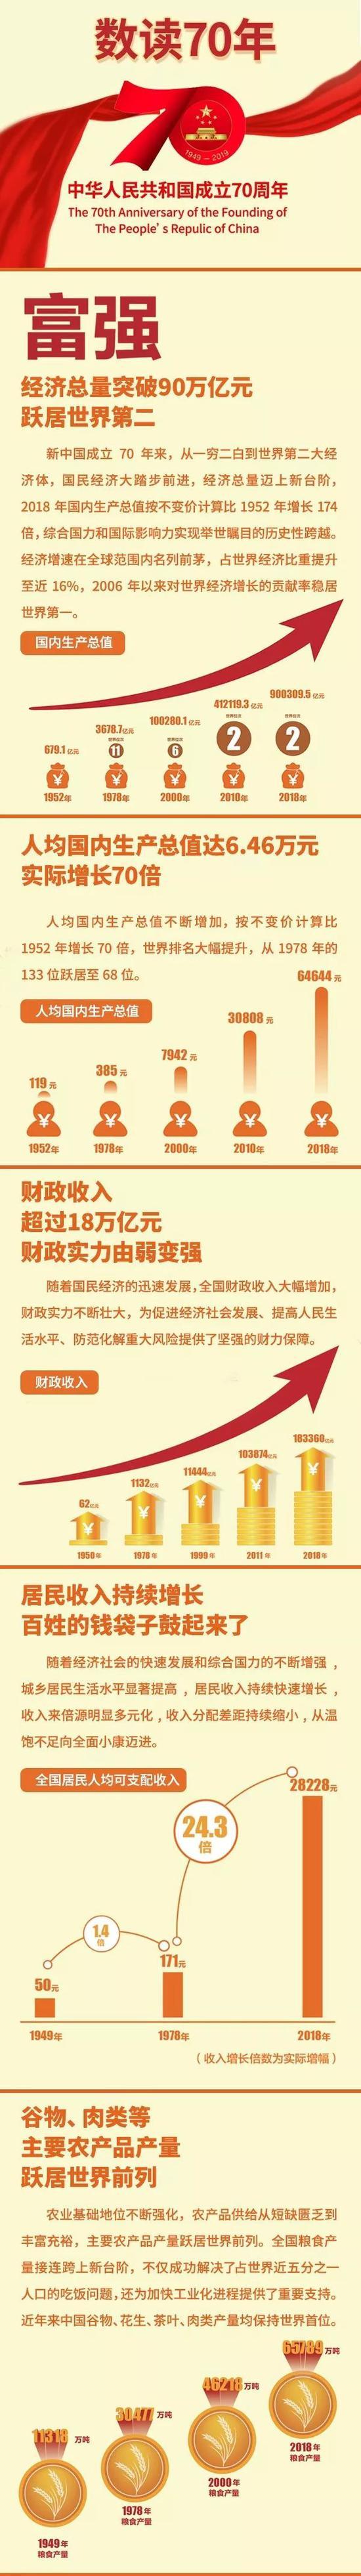 华鑫证券章俊:法治化是确保市场平稳运行的重要一环